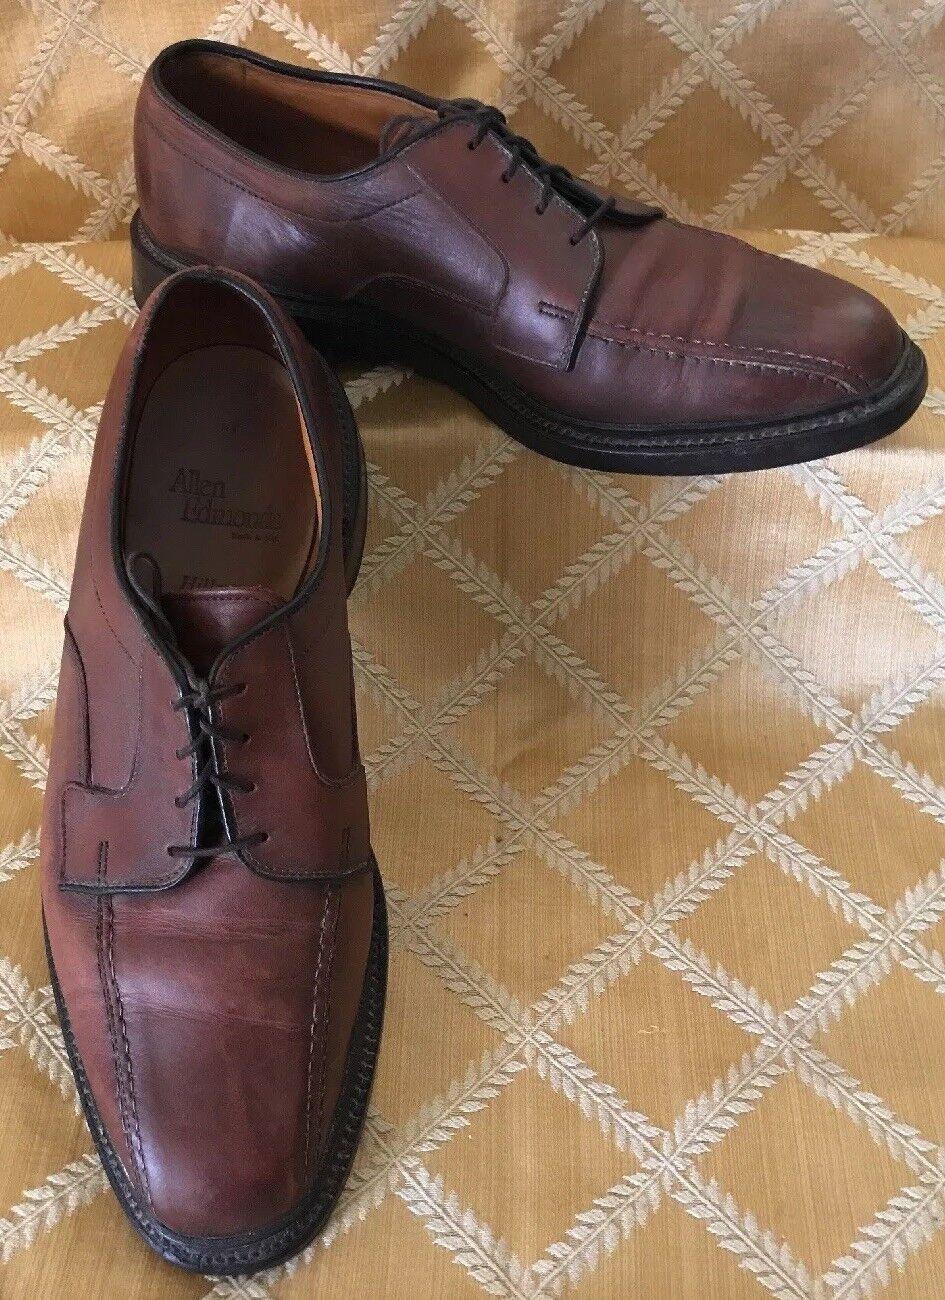 Allen Edmonds Size 8.5 D Brown Leather Mens Oxford